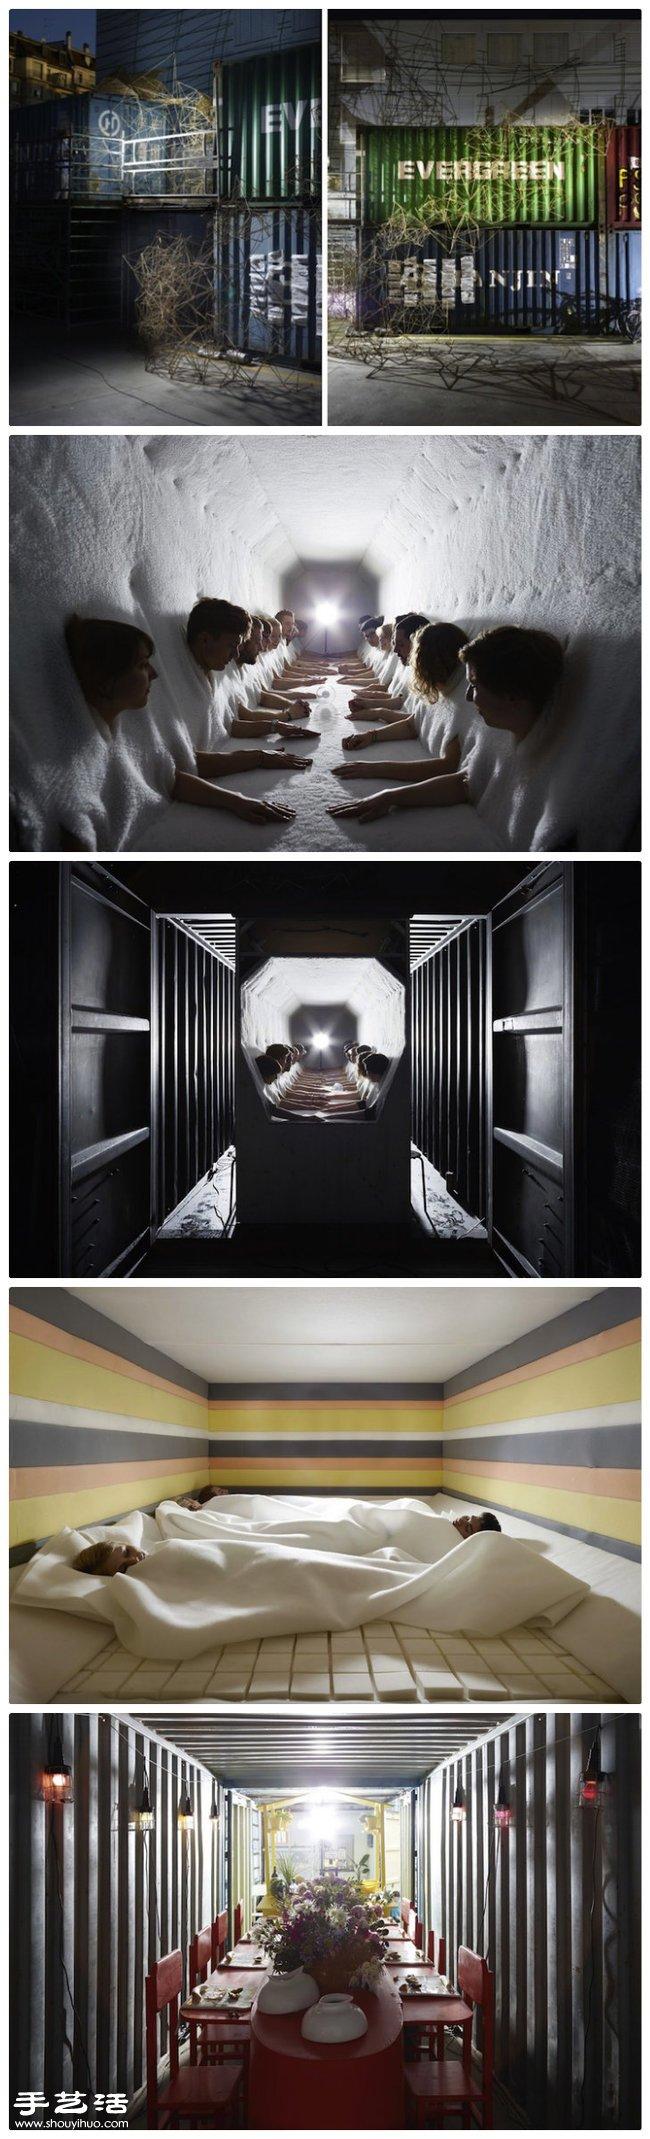 货柜箱DIY的完美居住空间 令人大开眼界 -  www.shouyihuo.com